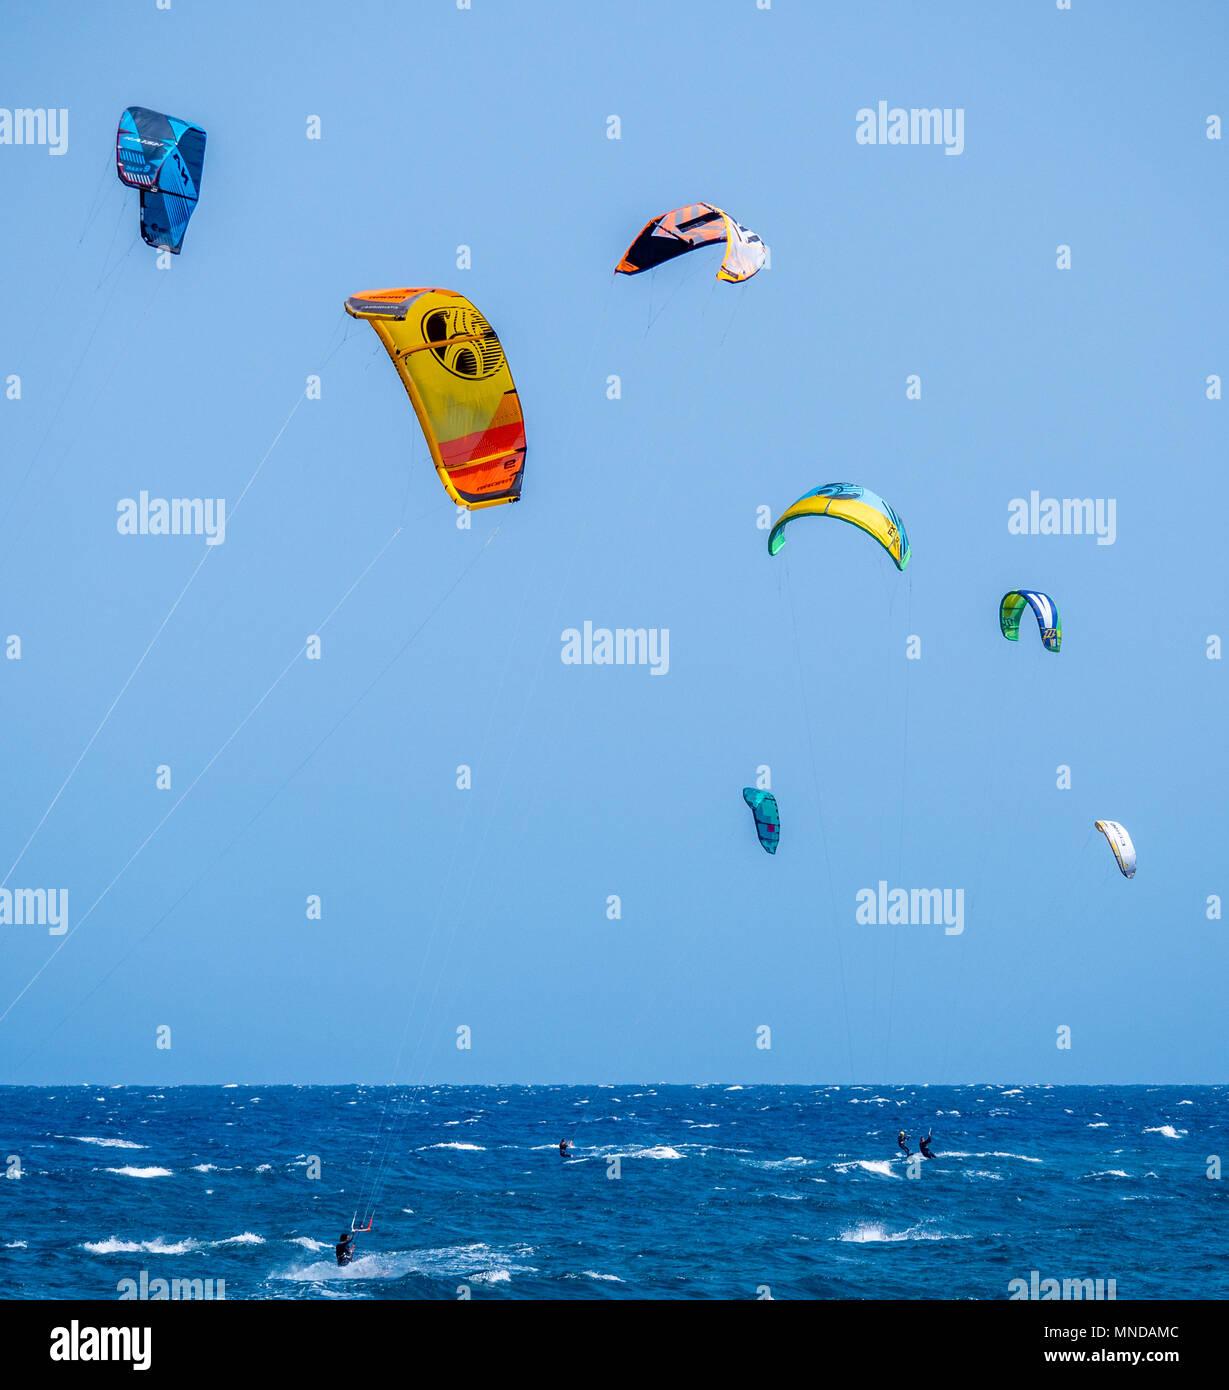 Kitesurfen am beliebten Surfstrand Playa Del Medano an der Küste im Süden von Teneriffa Kanarische InselnStockfoto